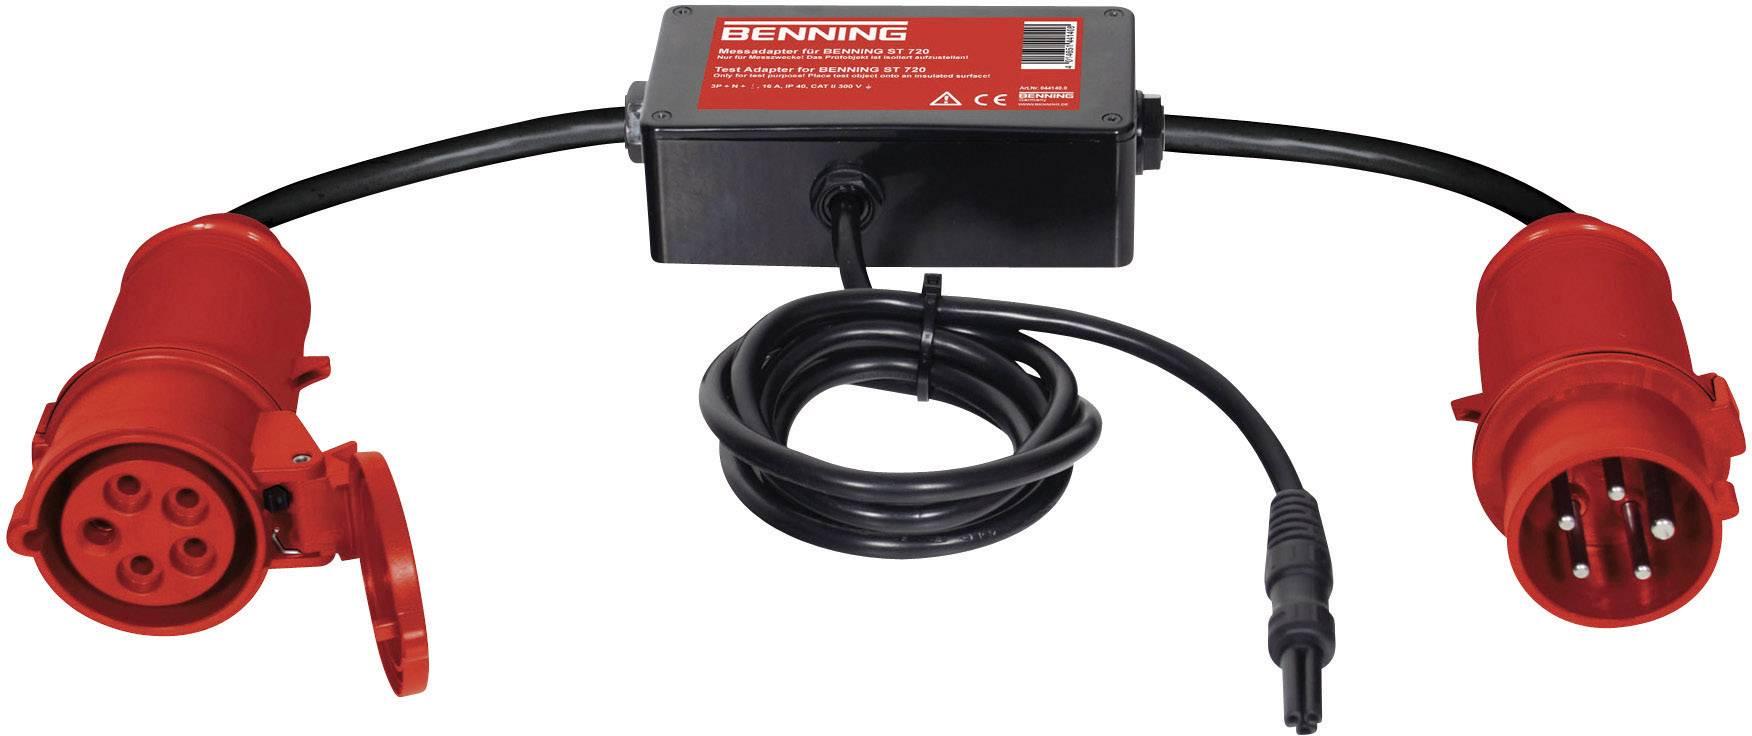 Aktívny merací adaptér Benning 16 A CEE, 3 fázový